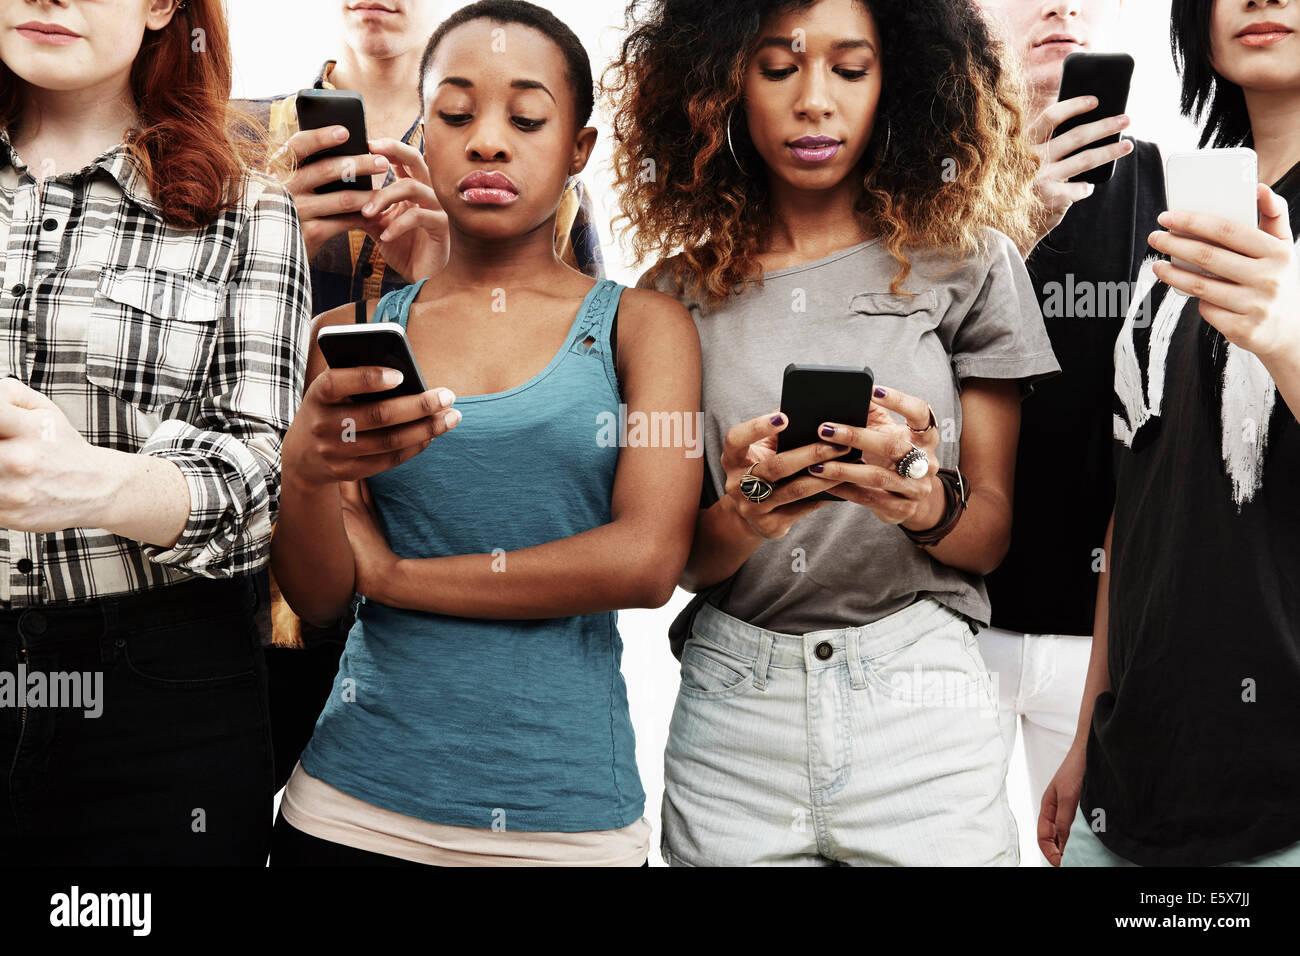 Studioaufnahme von sechs jungen Erwachsenen SMS auf smartphone Stockbild